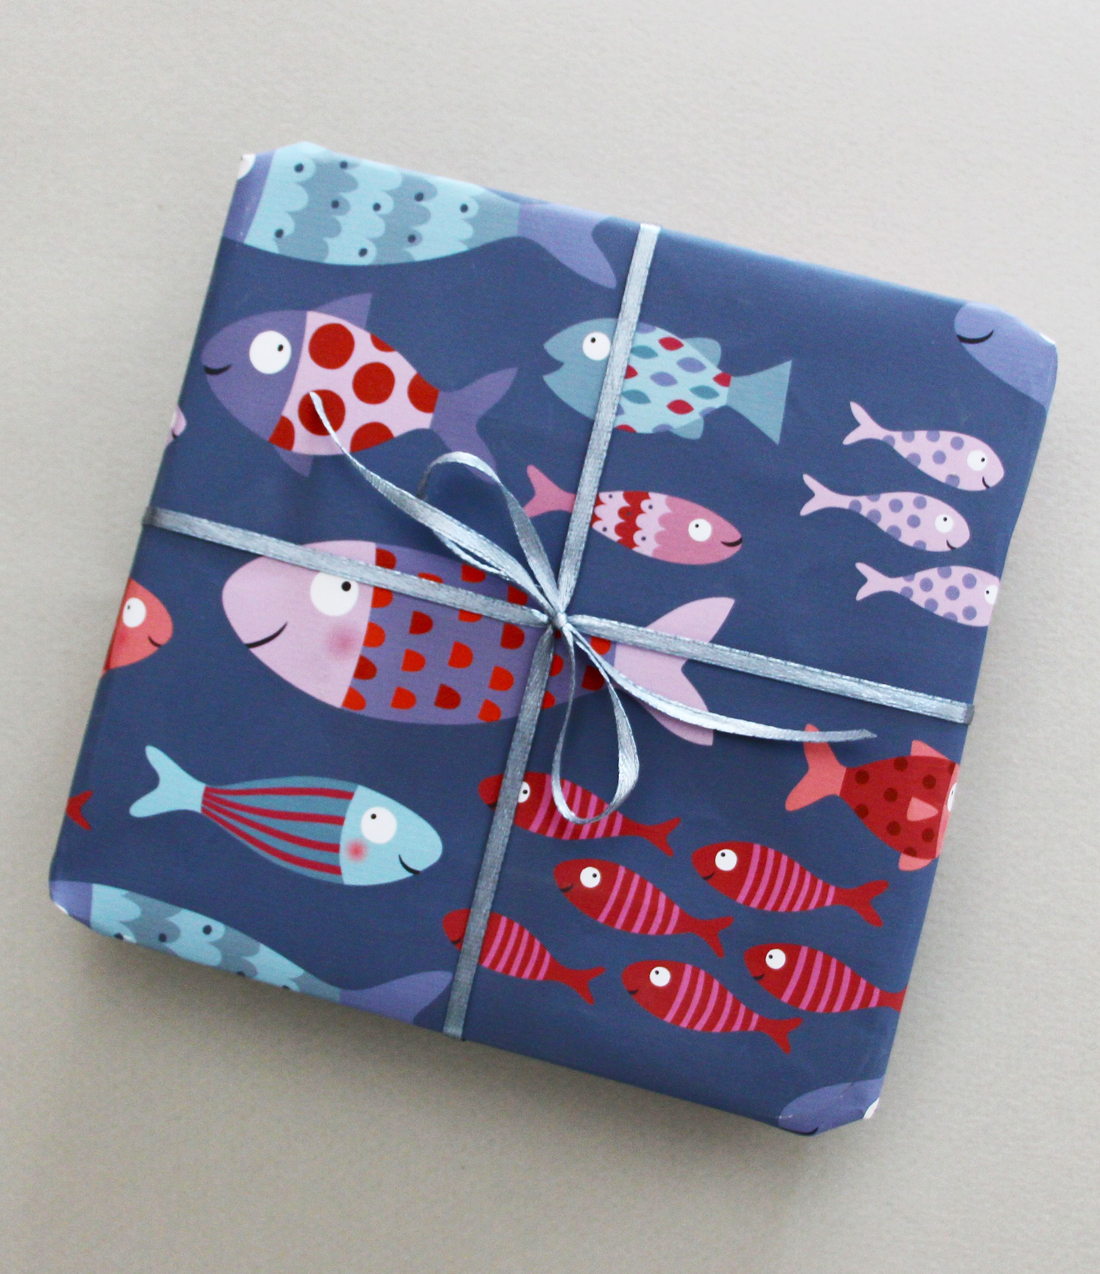 Fische « Stefanie Krauss – Design und Illustration